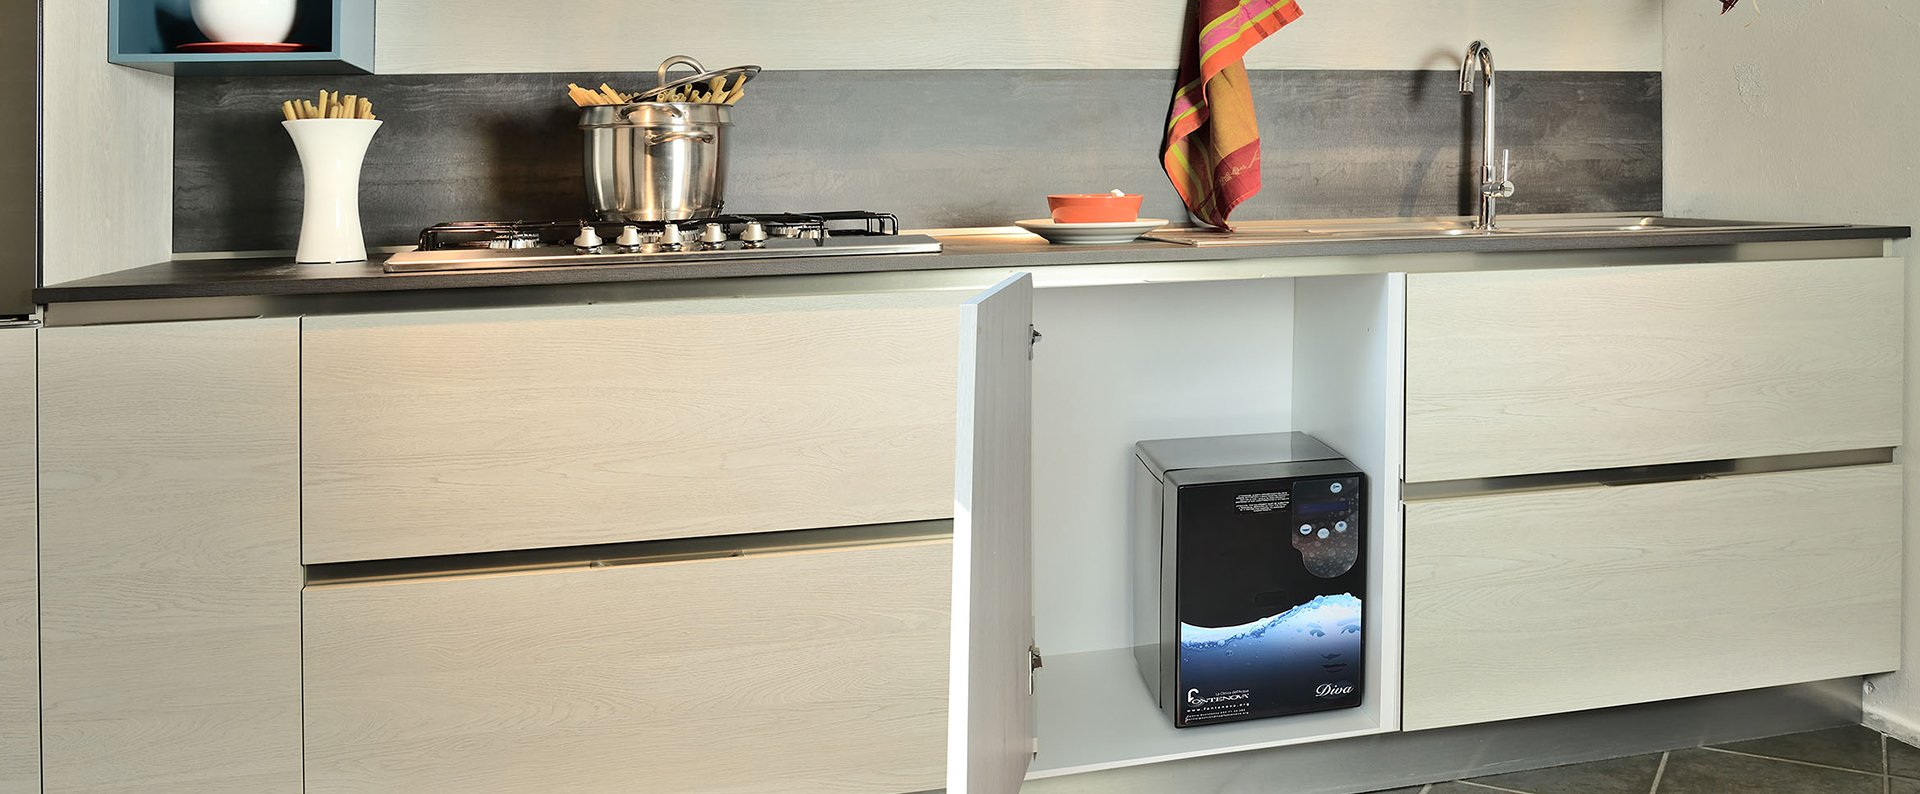 Se si desidera un frigorifero di tipo americano con dispenser automatico di acqua e.